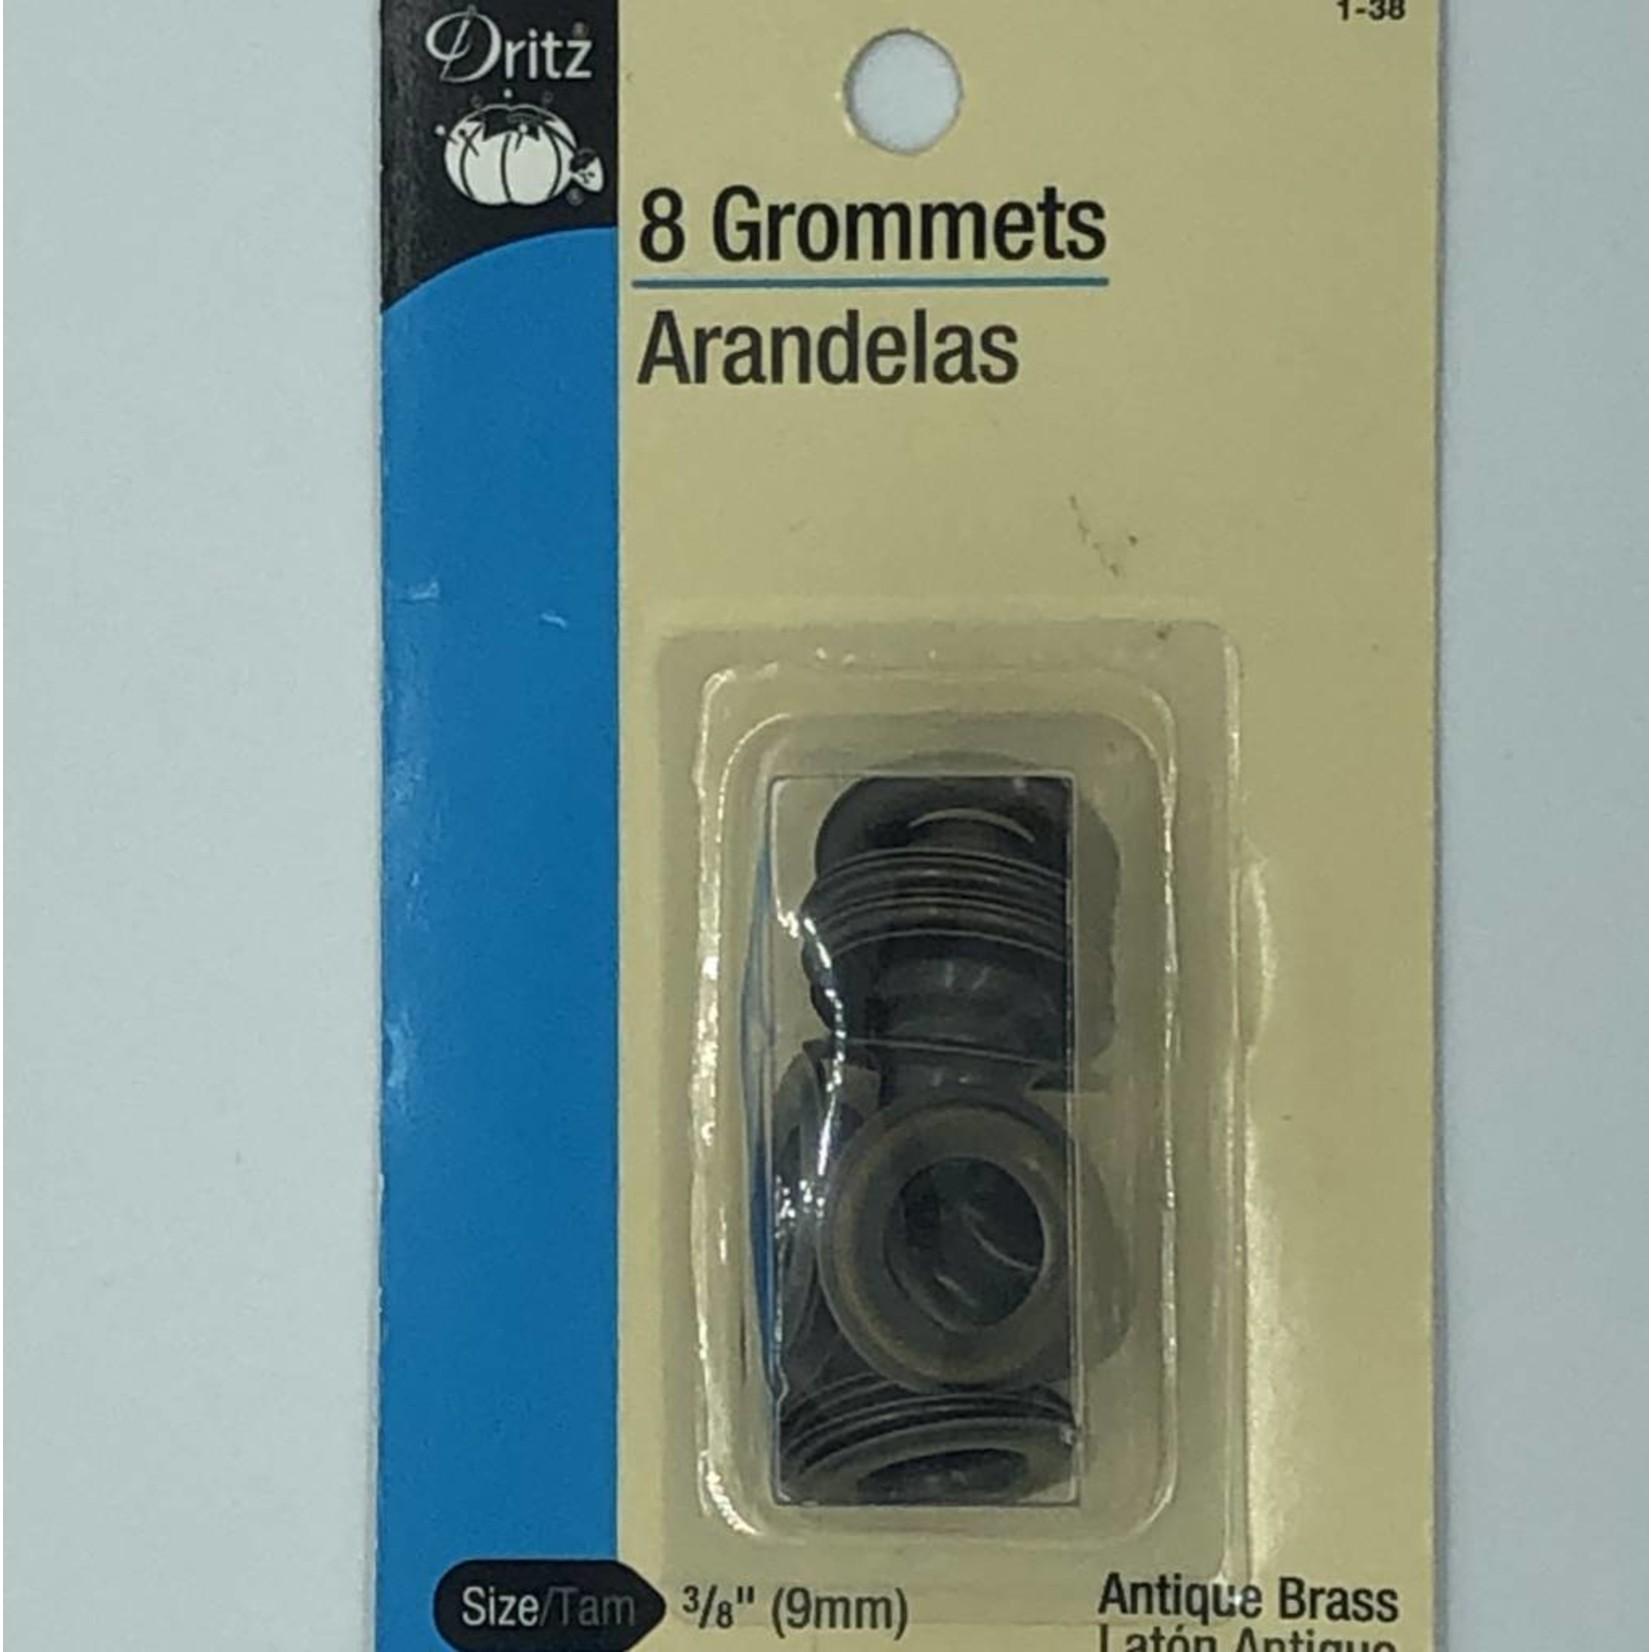 Dritz 8 GROMMETS